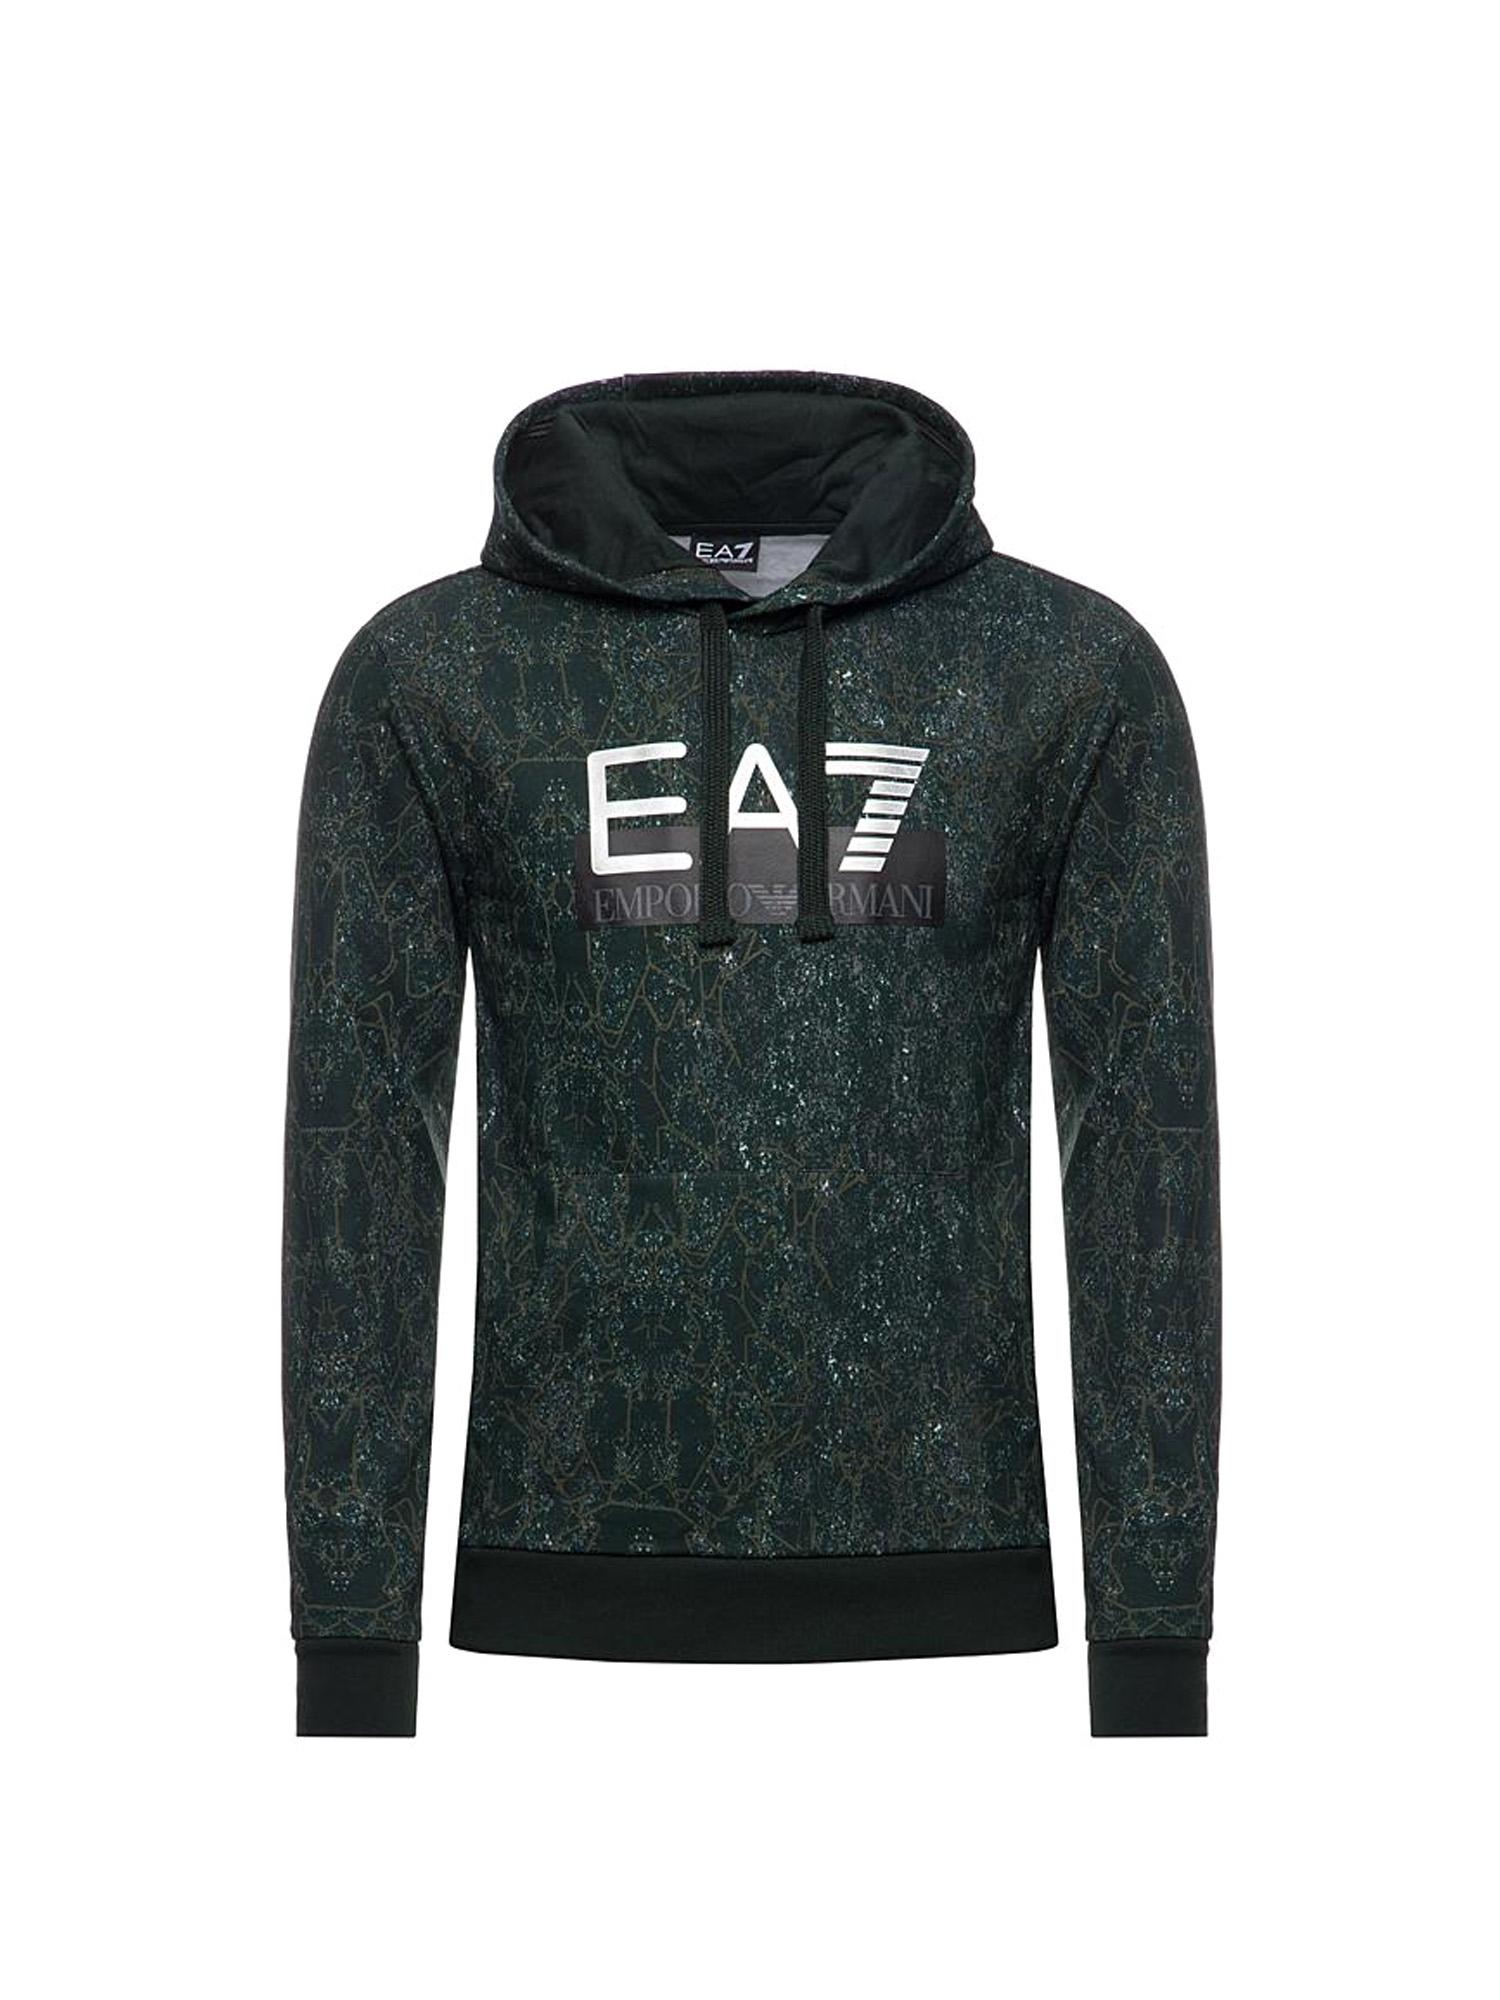 Felpa uomo EA7 con maxi logo